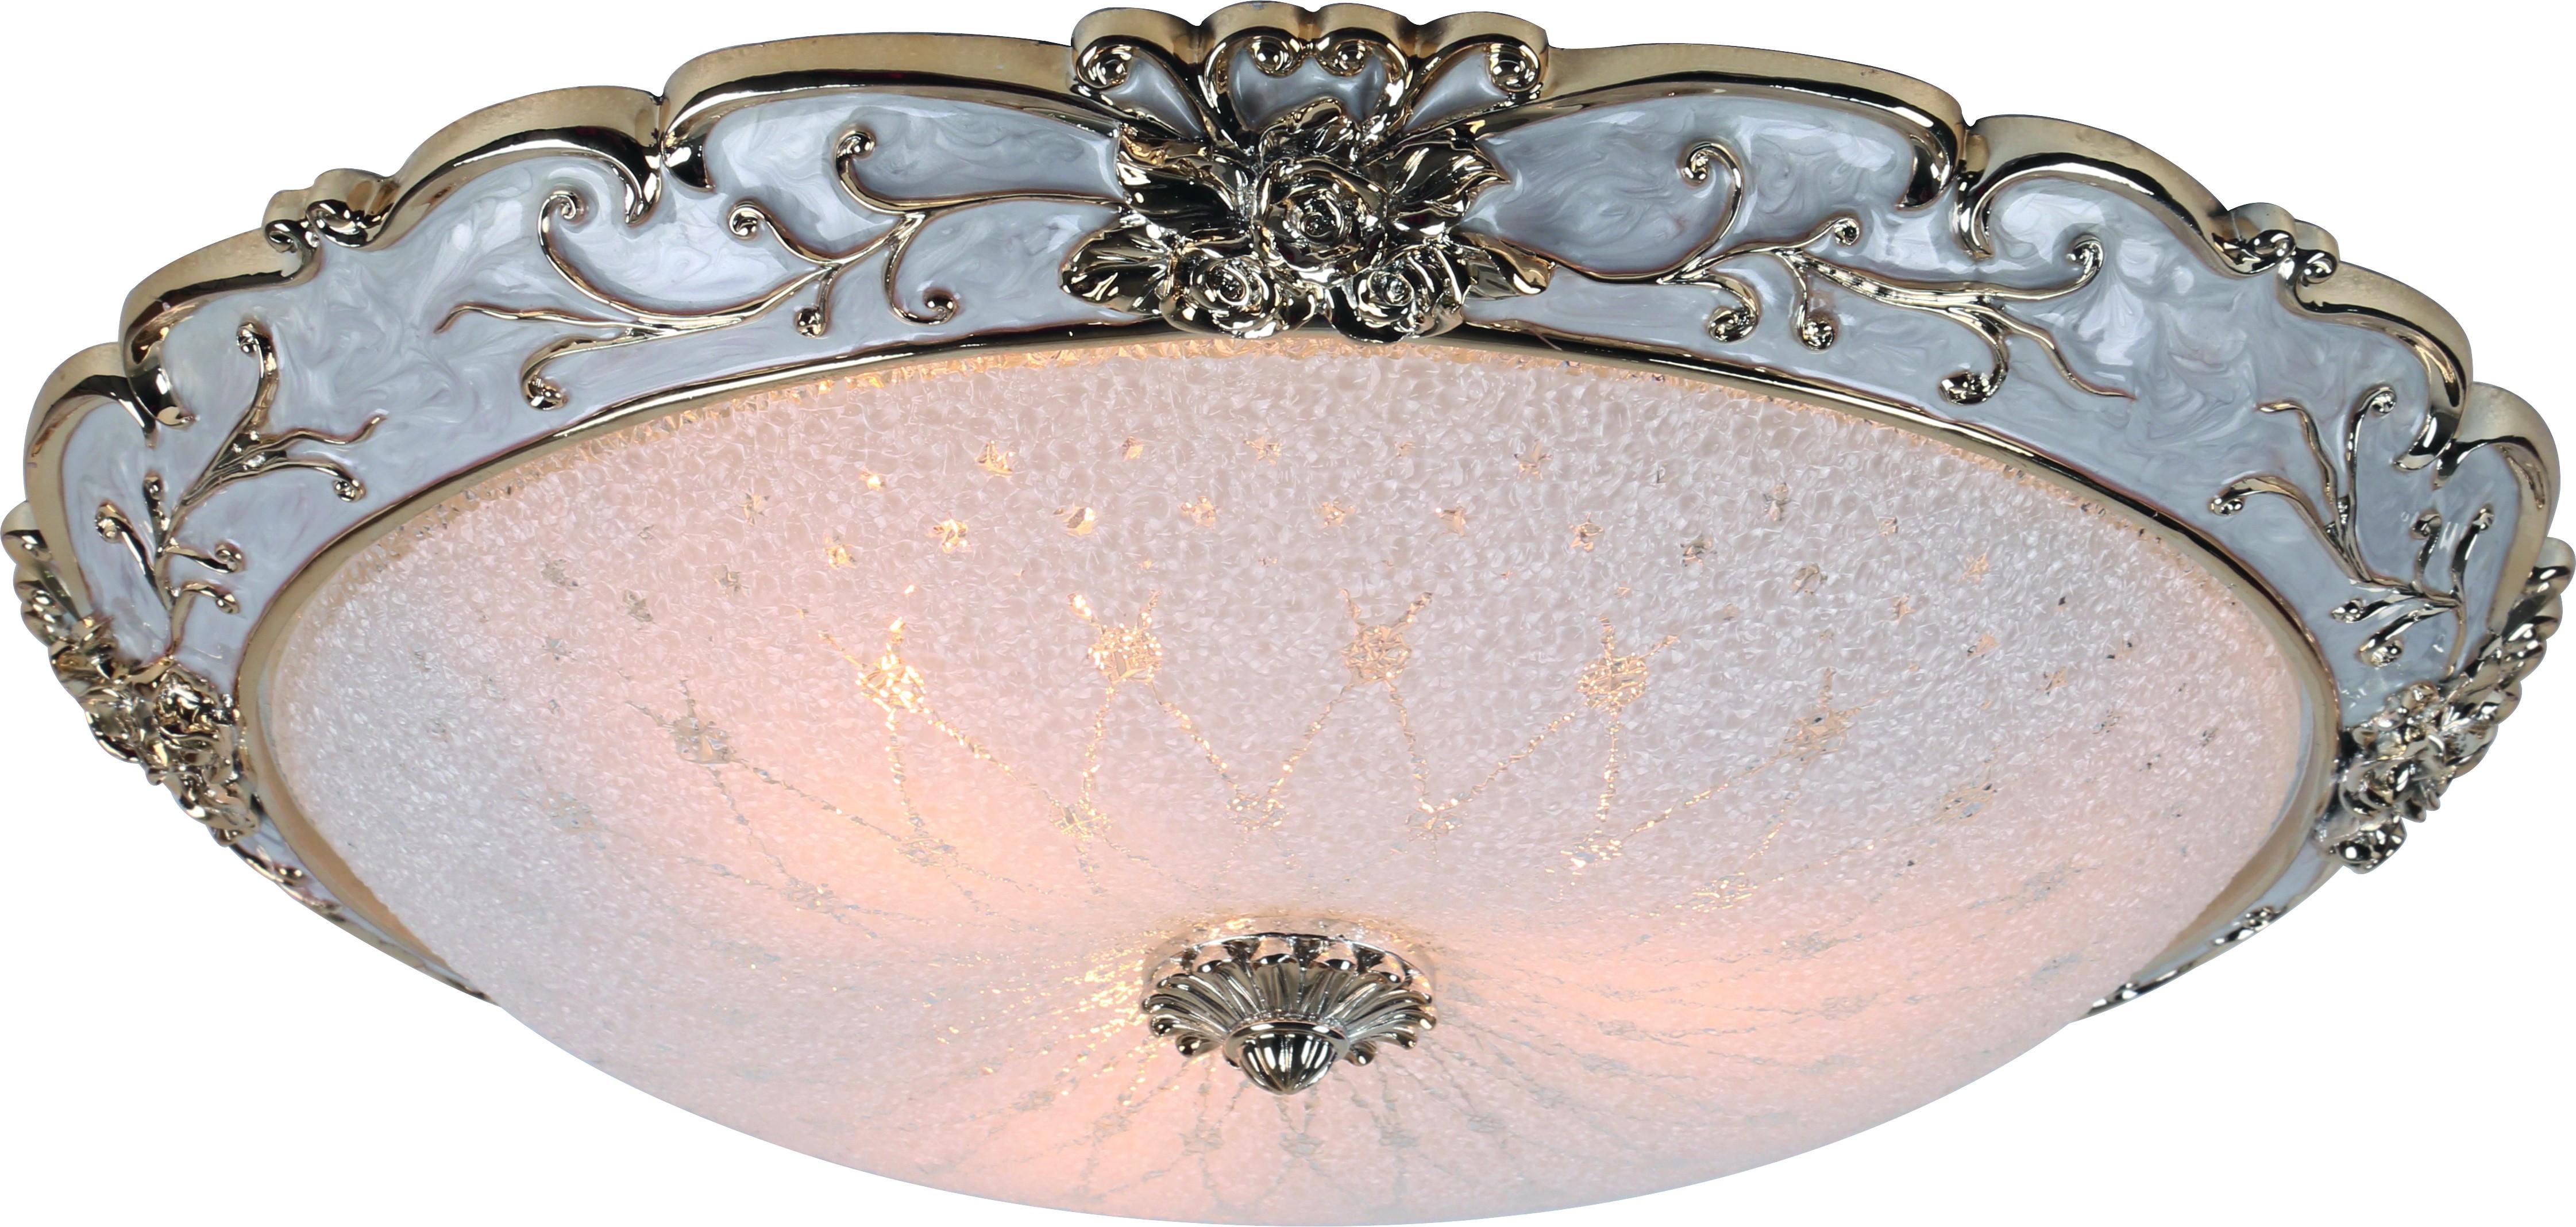 Светильник настенно-потолочный Arte lamp A7135pl-3wh потолочный светильник shirp a3211pl 3wh arte lamp 1182062